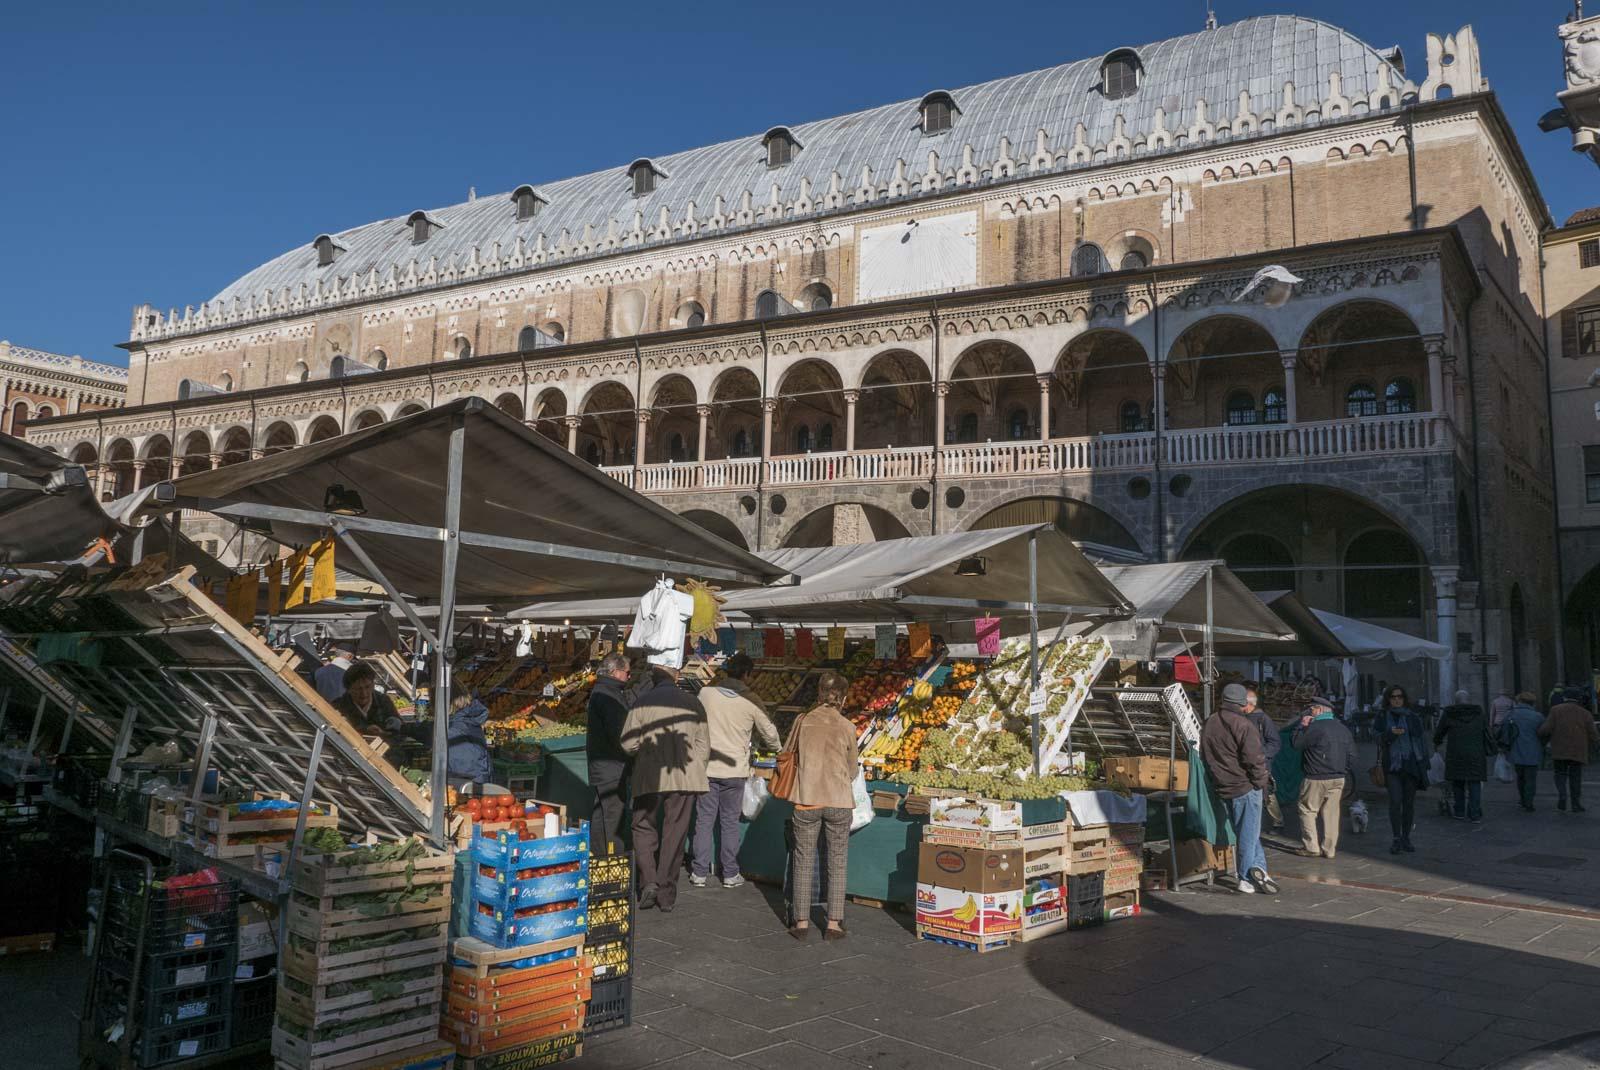 På morgenen fylles torget opp med selgere av frukt og grønt